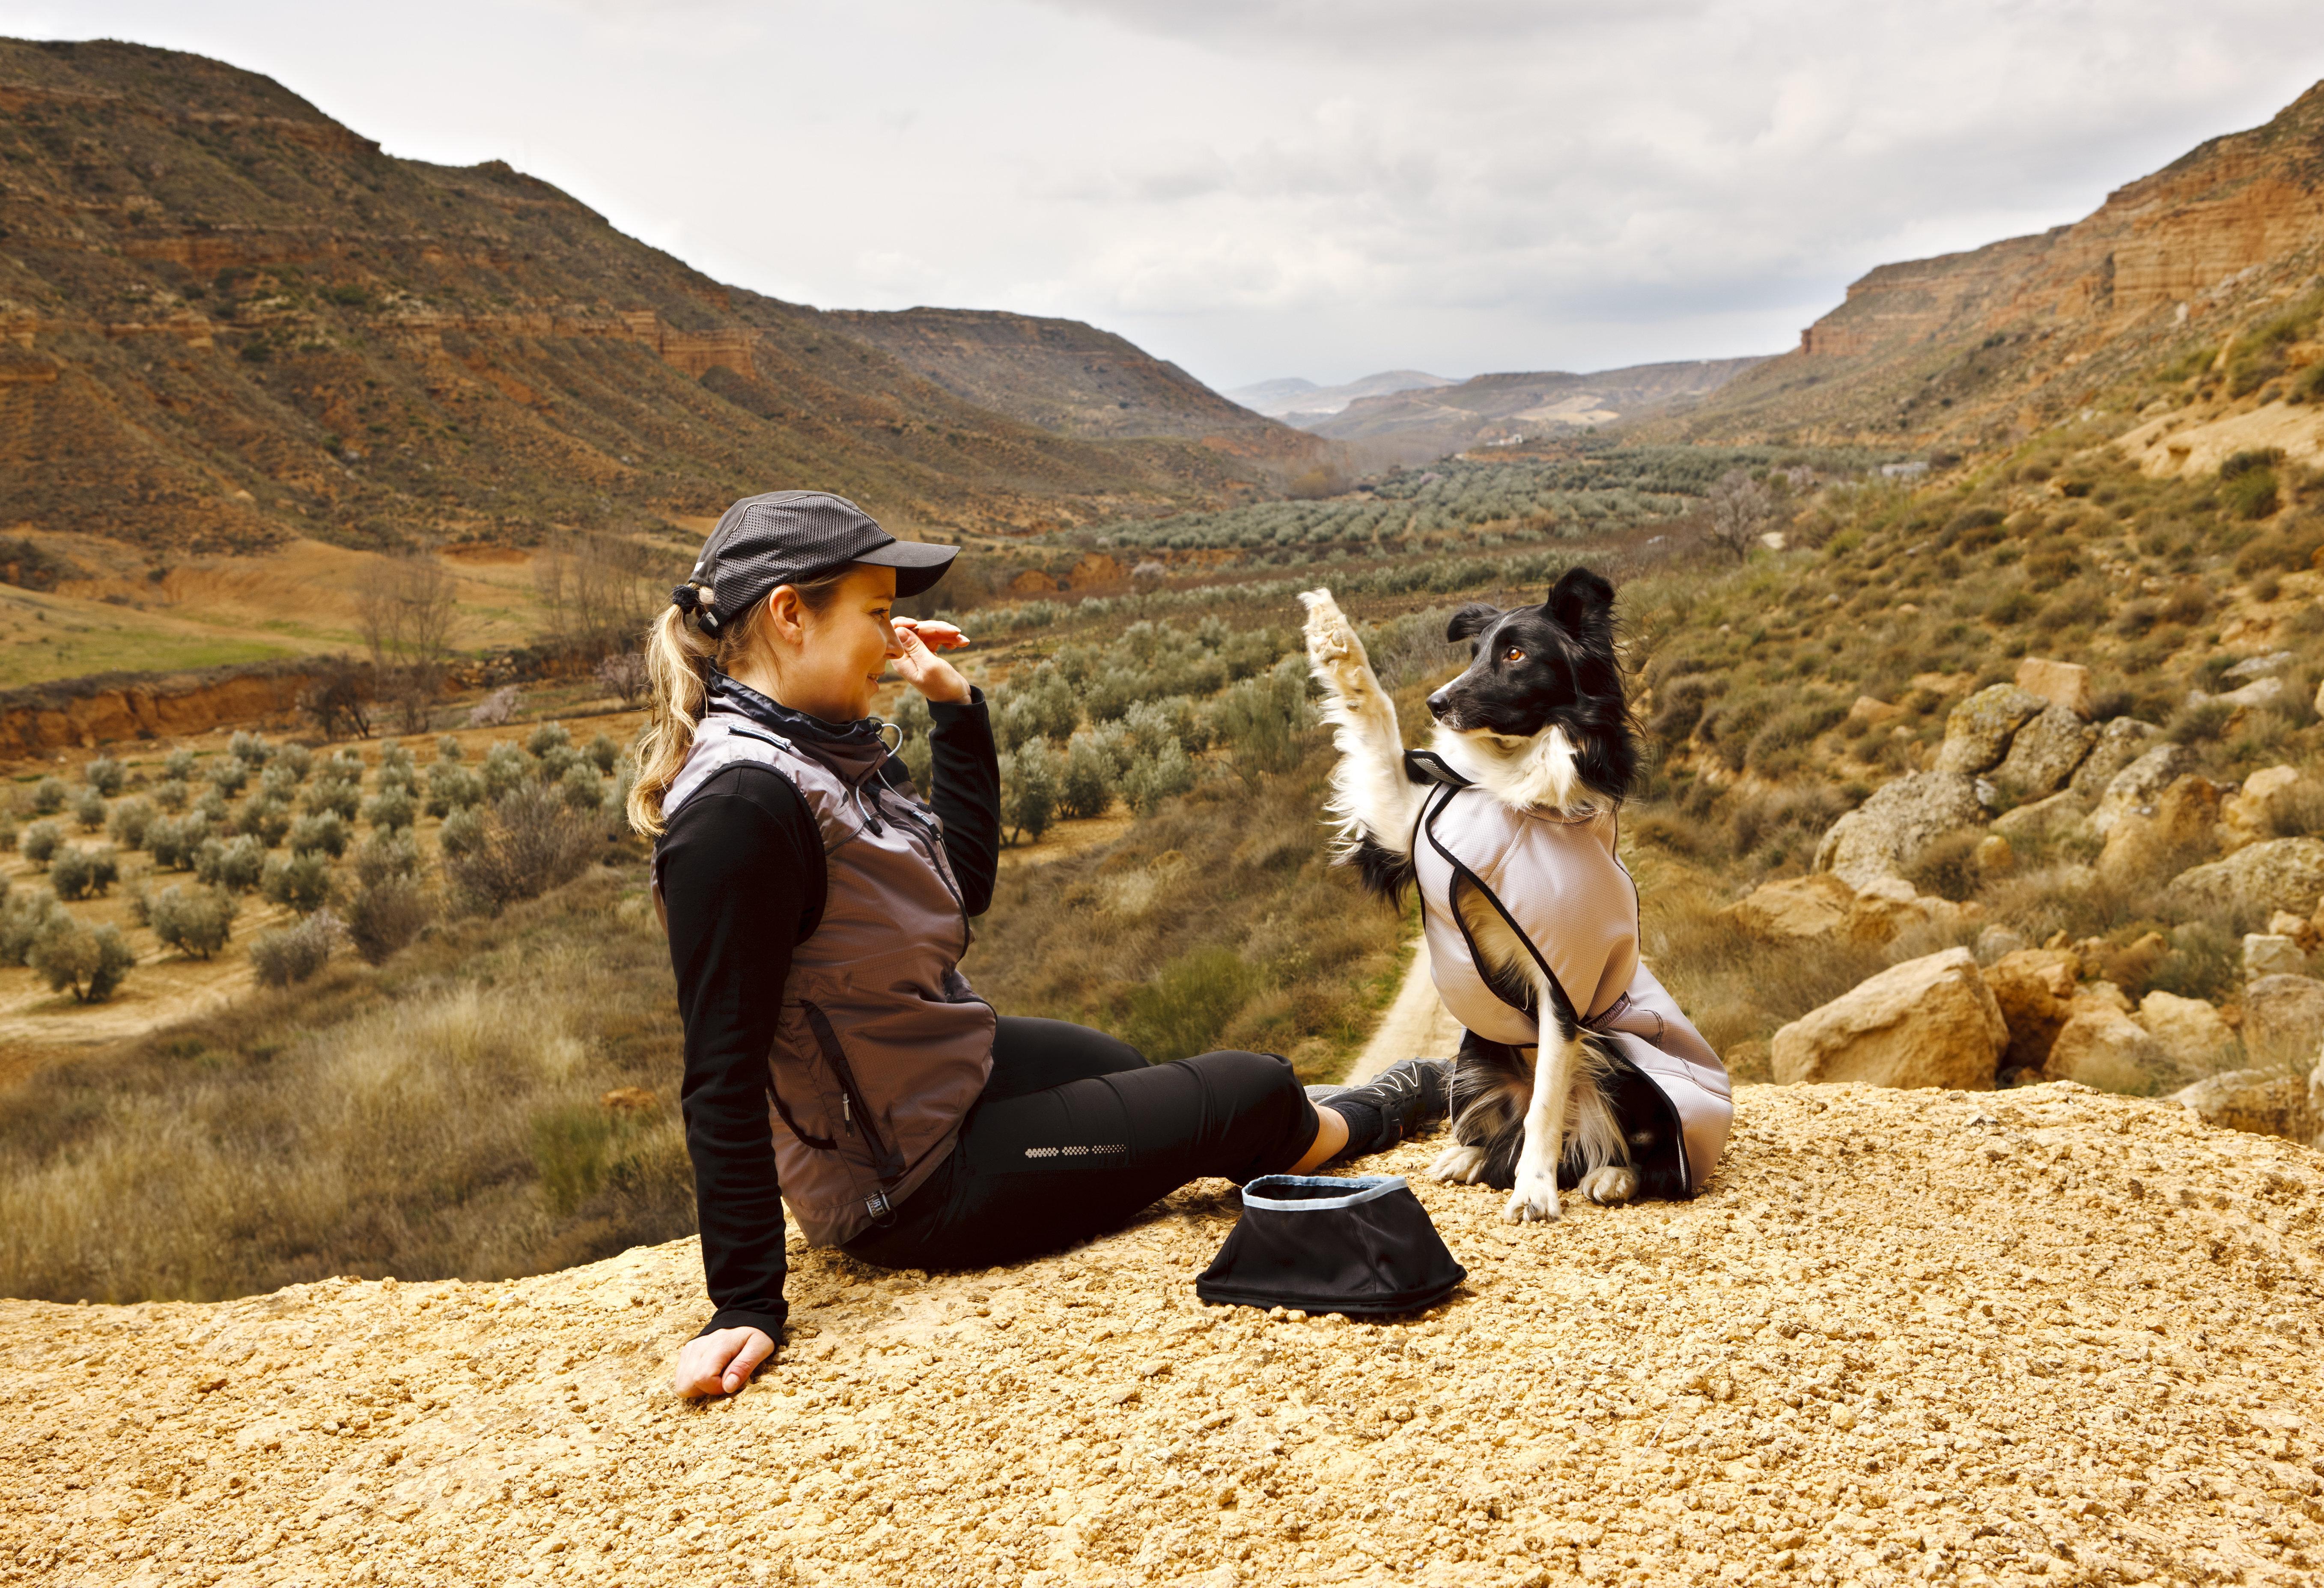 TEADUSLIKULT TÕESTATUD - koeraomanikud on tervemad!